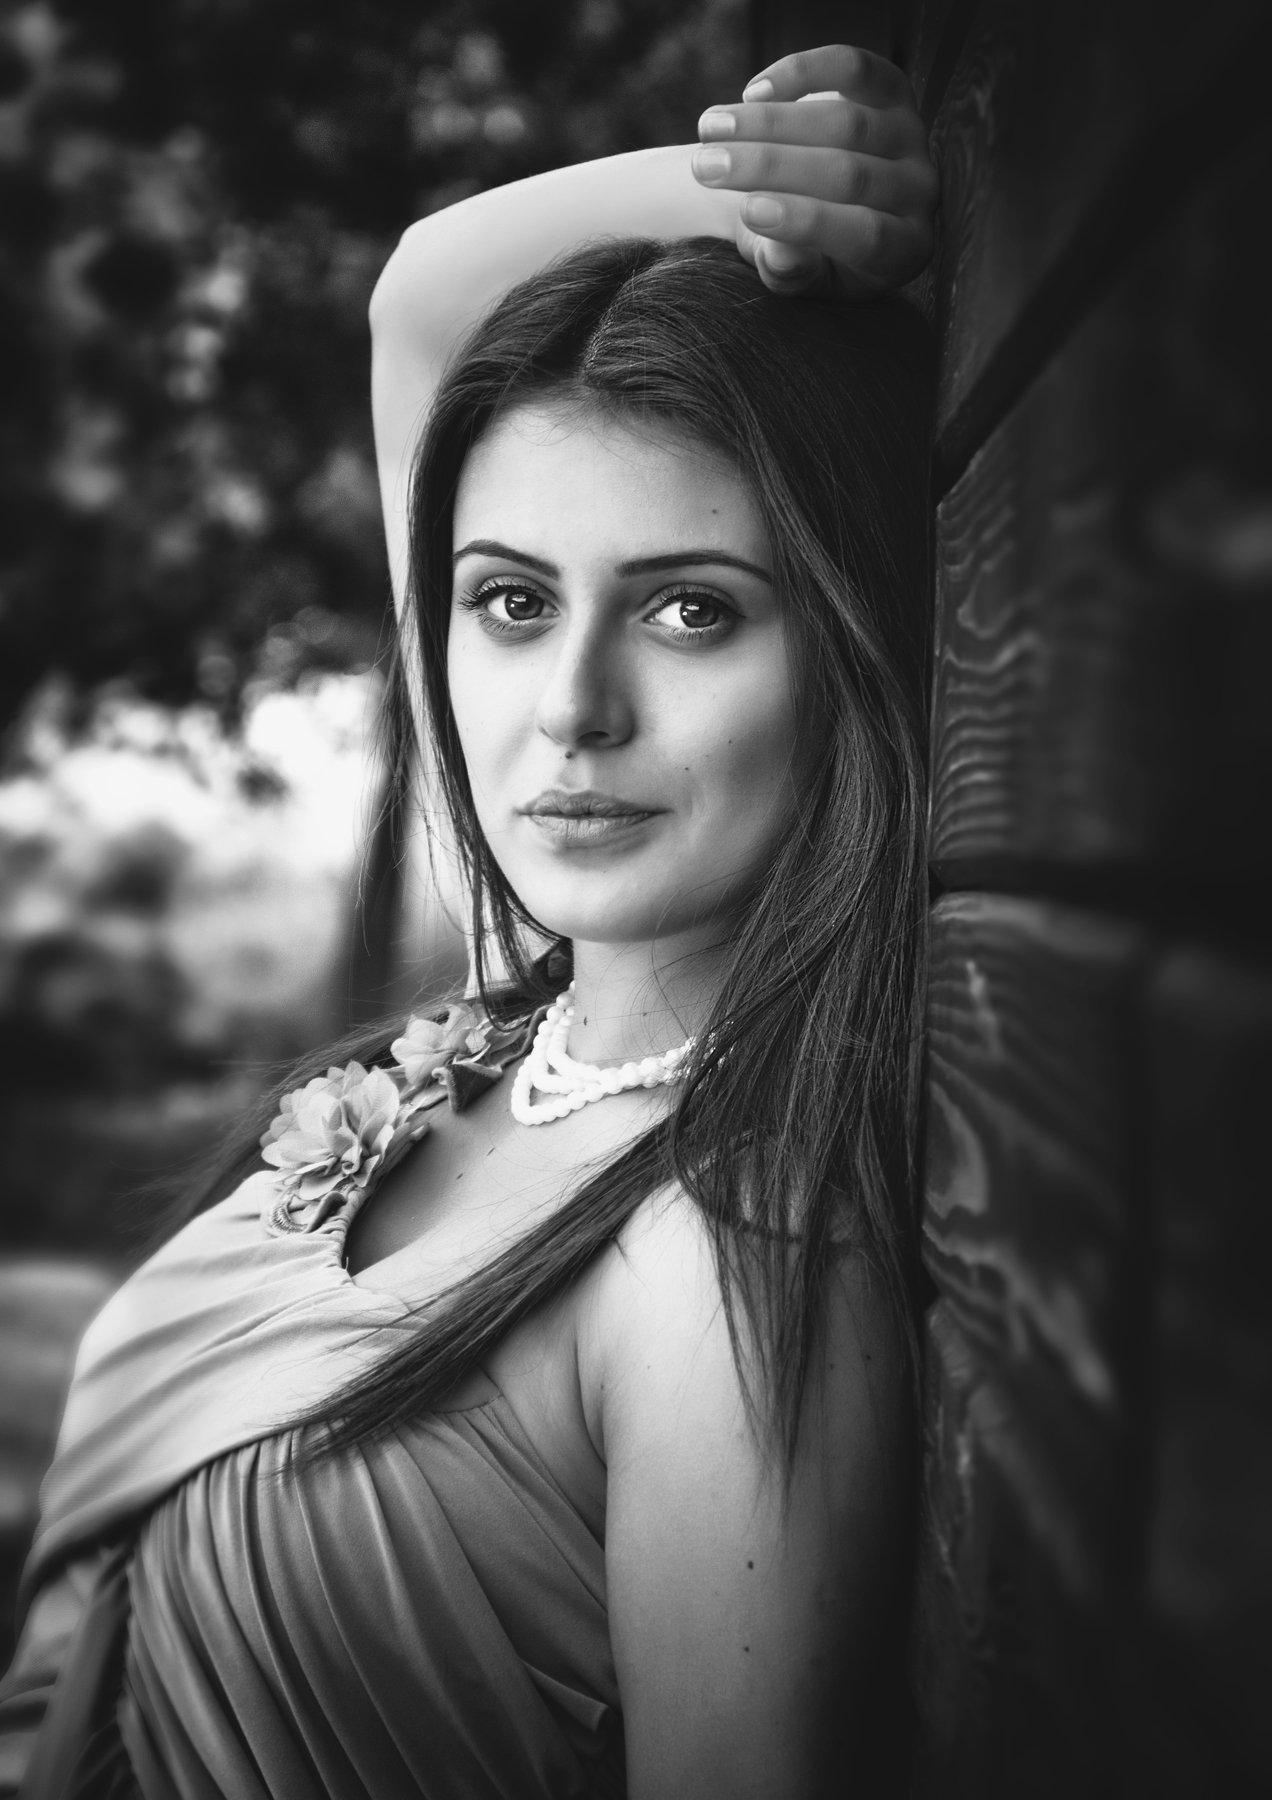 amazing, beautiful, beauty, black & white, edina csoka, girl, gorgeous, jozefkiss.com, lovely, portrait, pretty, young, Jozef Kiss